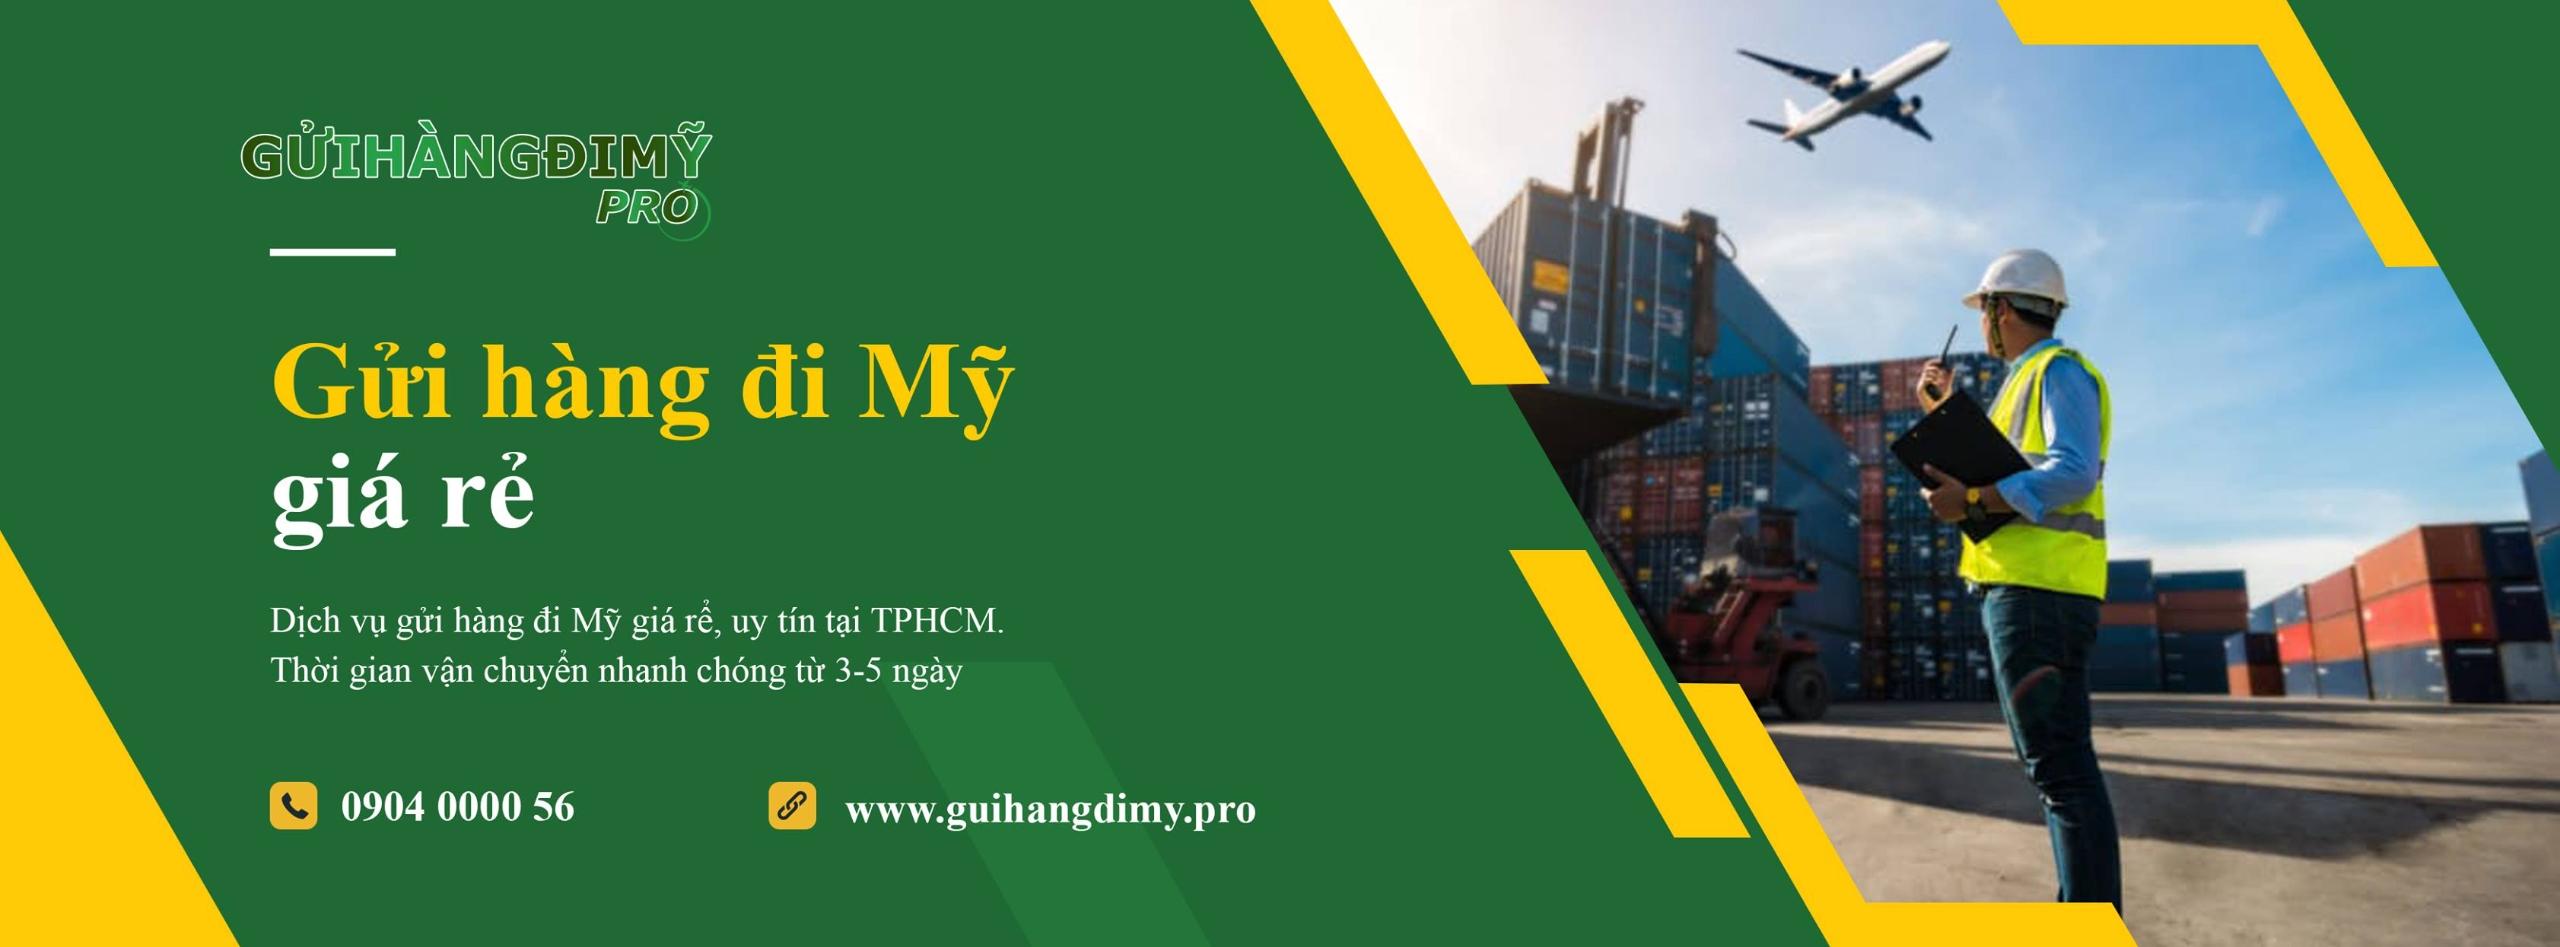 (@guihangdimypro) Cover Image